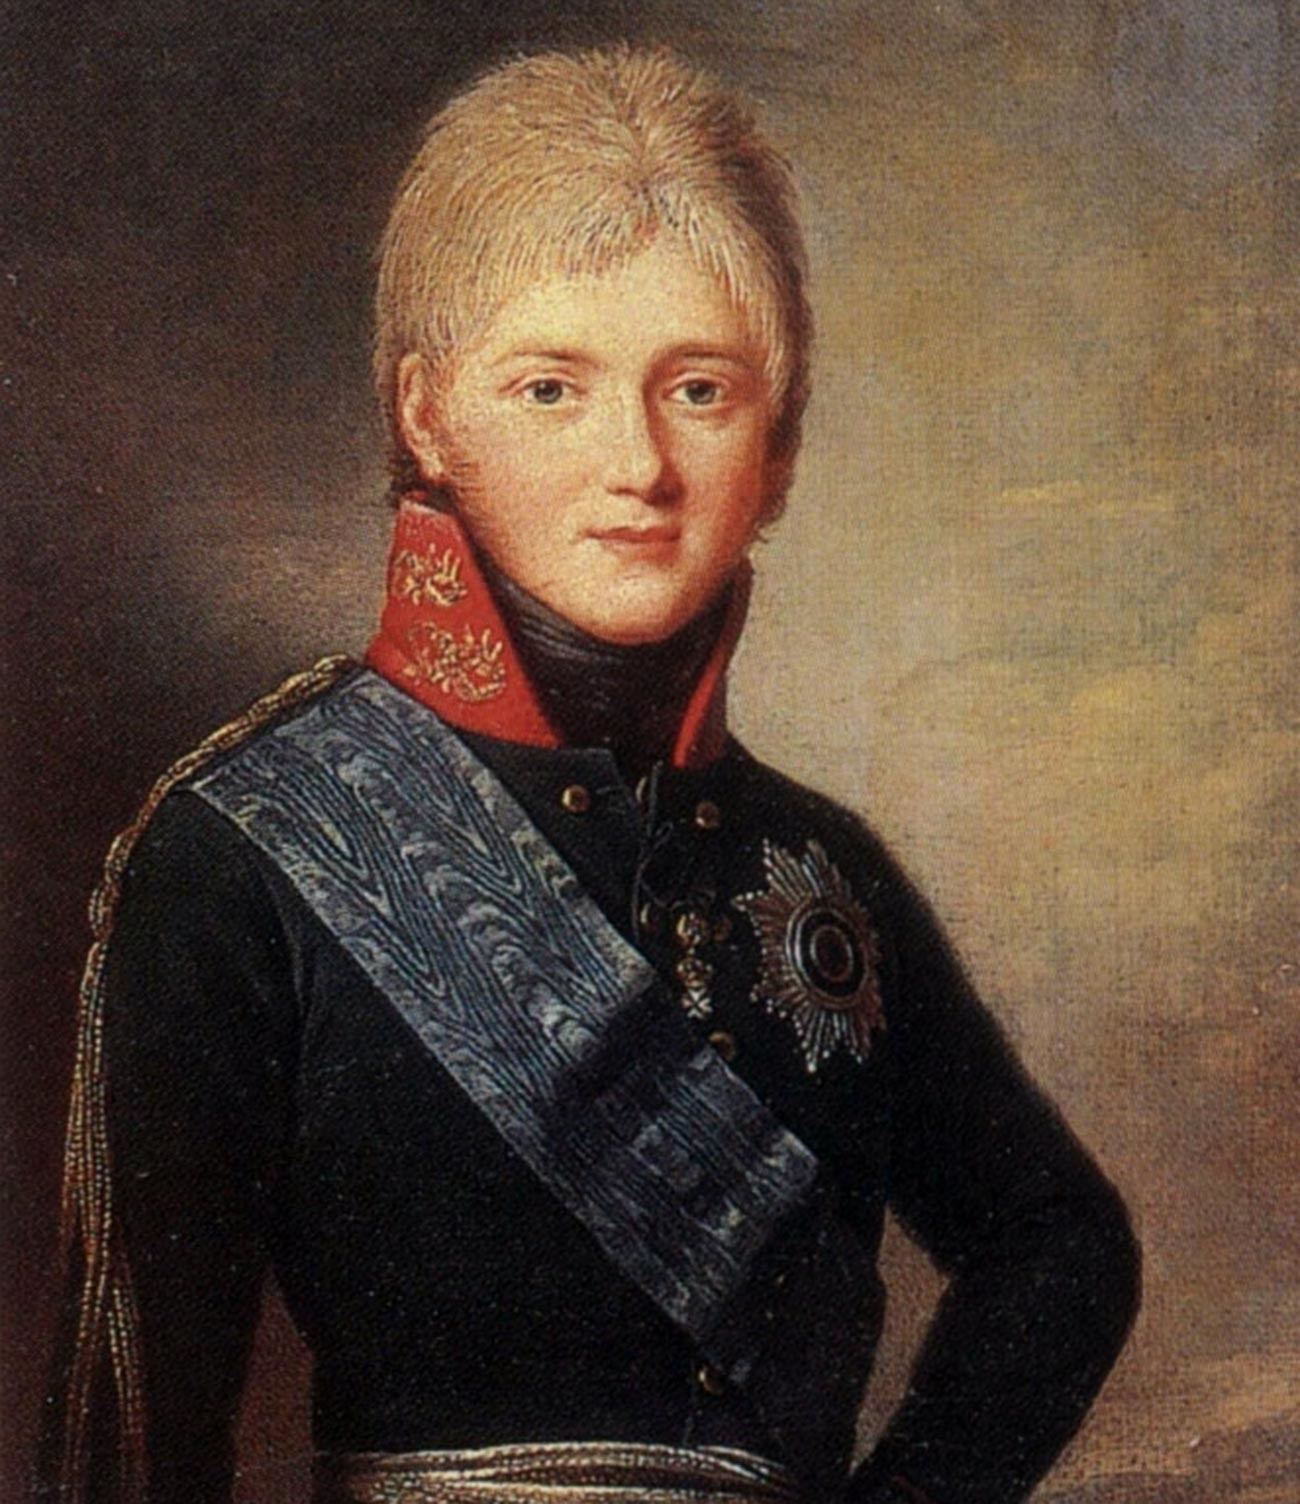 Pangeran Agung Aleksandr Pavlovich (calon Kaisar Aleksandr I).